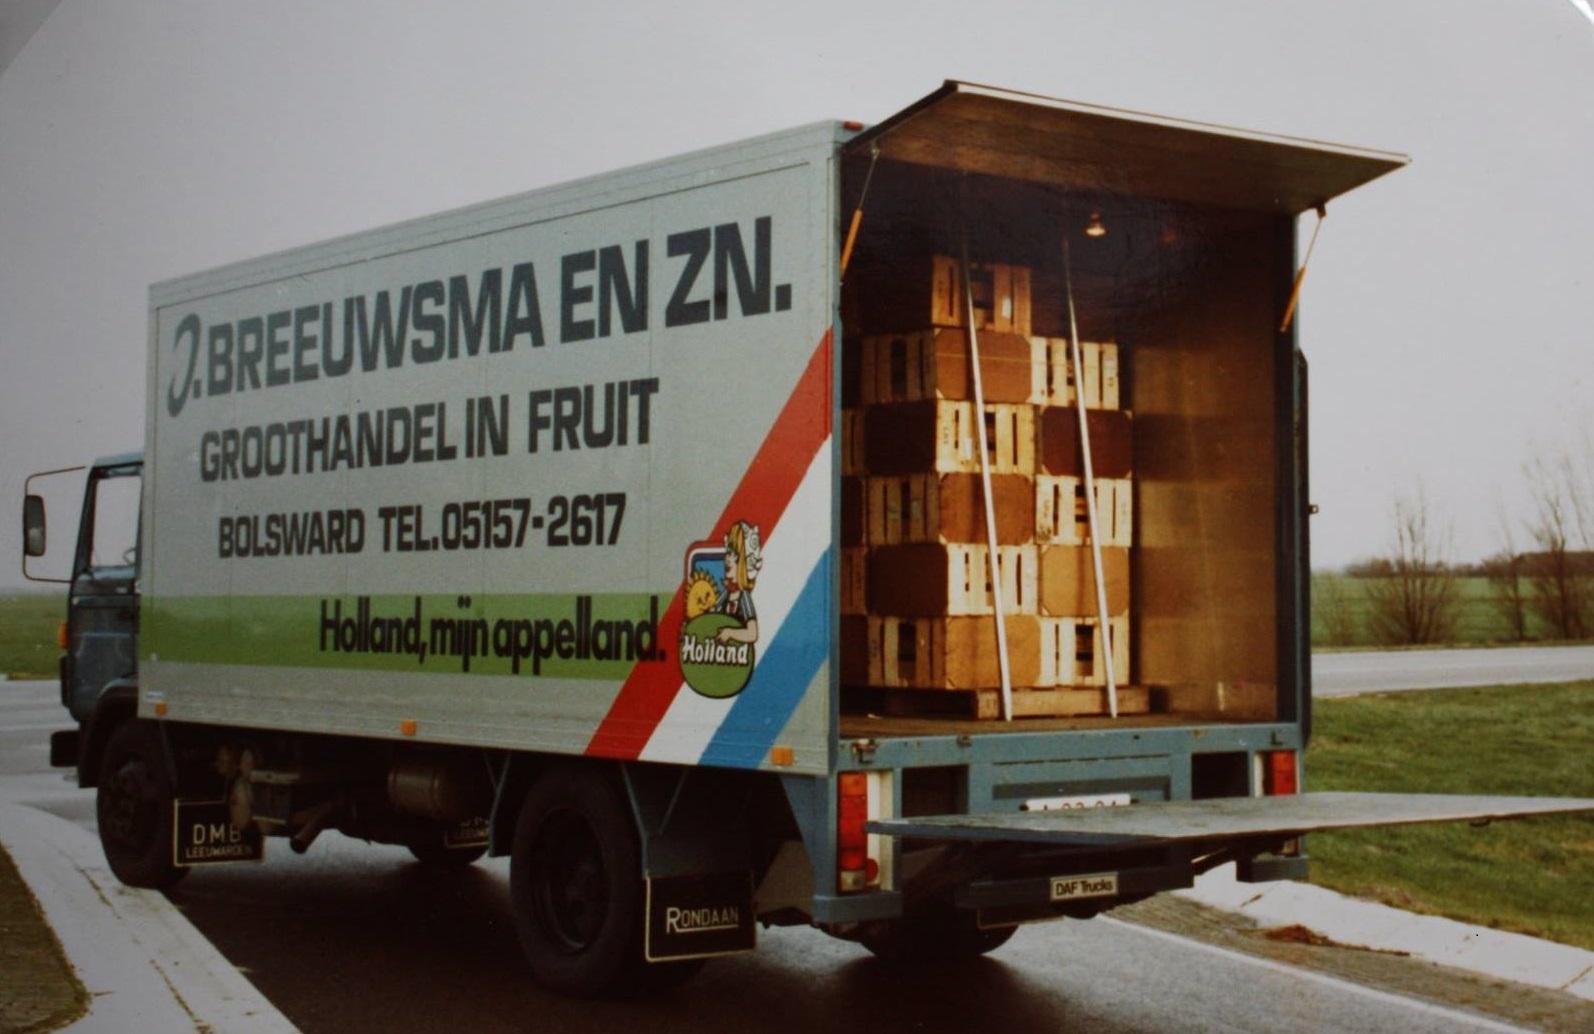 opgebouwd-door-Rondaan-voor-Jappie-Breeuwsma-groothandel-in-Fruit-uit-Bolsward-1